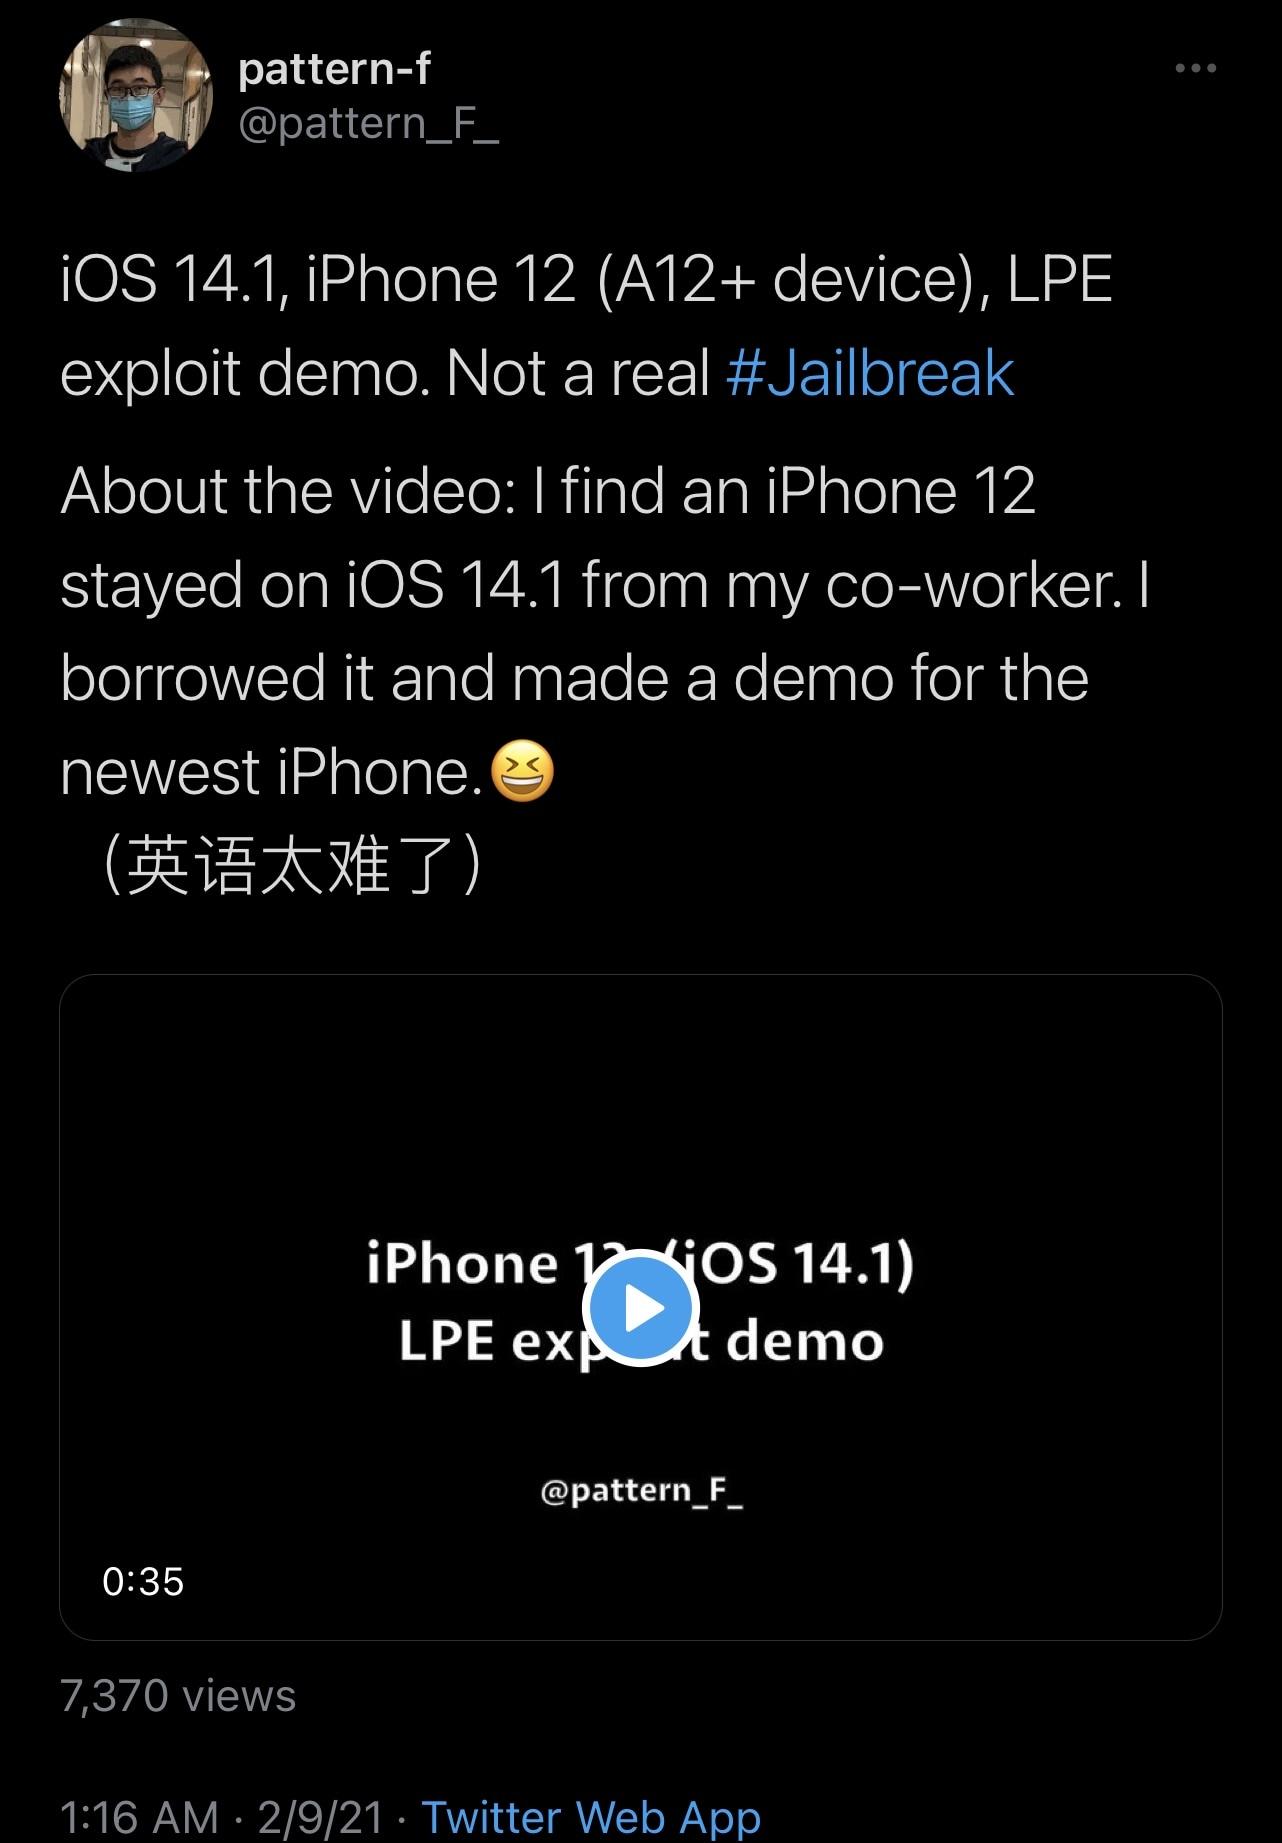 pattern-f-exploit-iOS-14.1-1.jpg